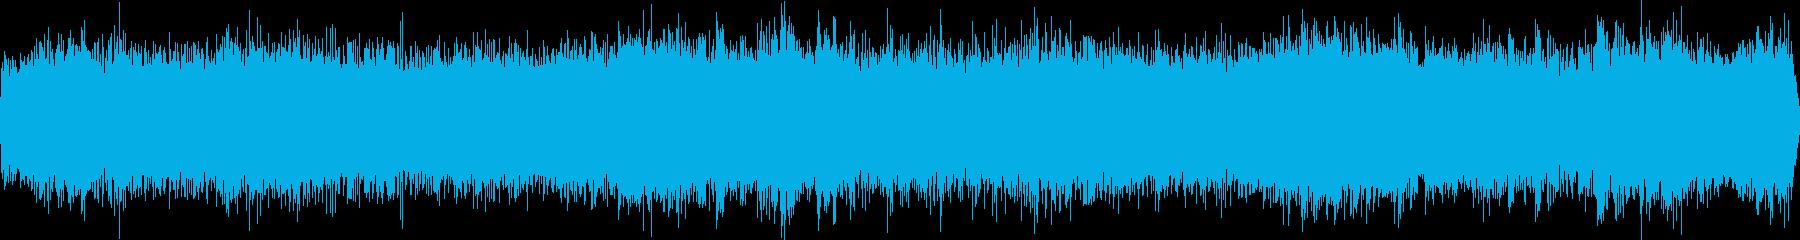 ペーパーミル、コンベアベルト、スク...の再生済みの波形